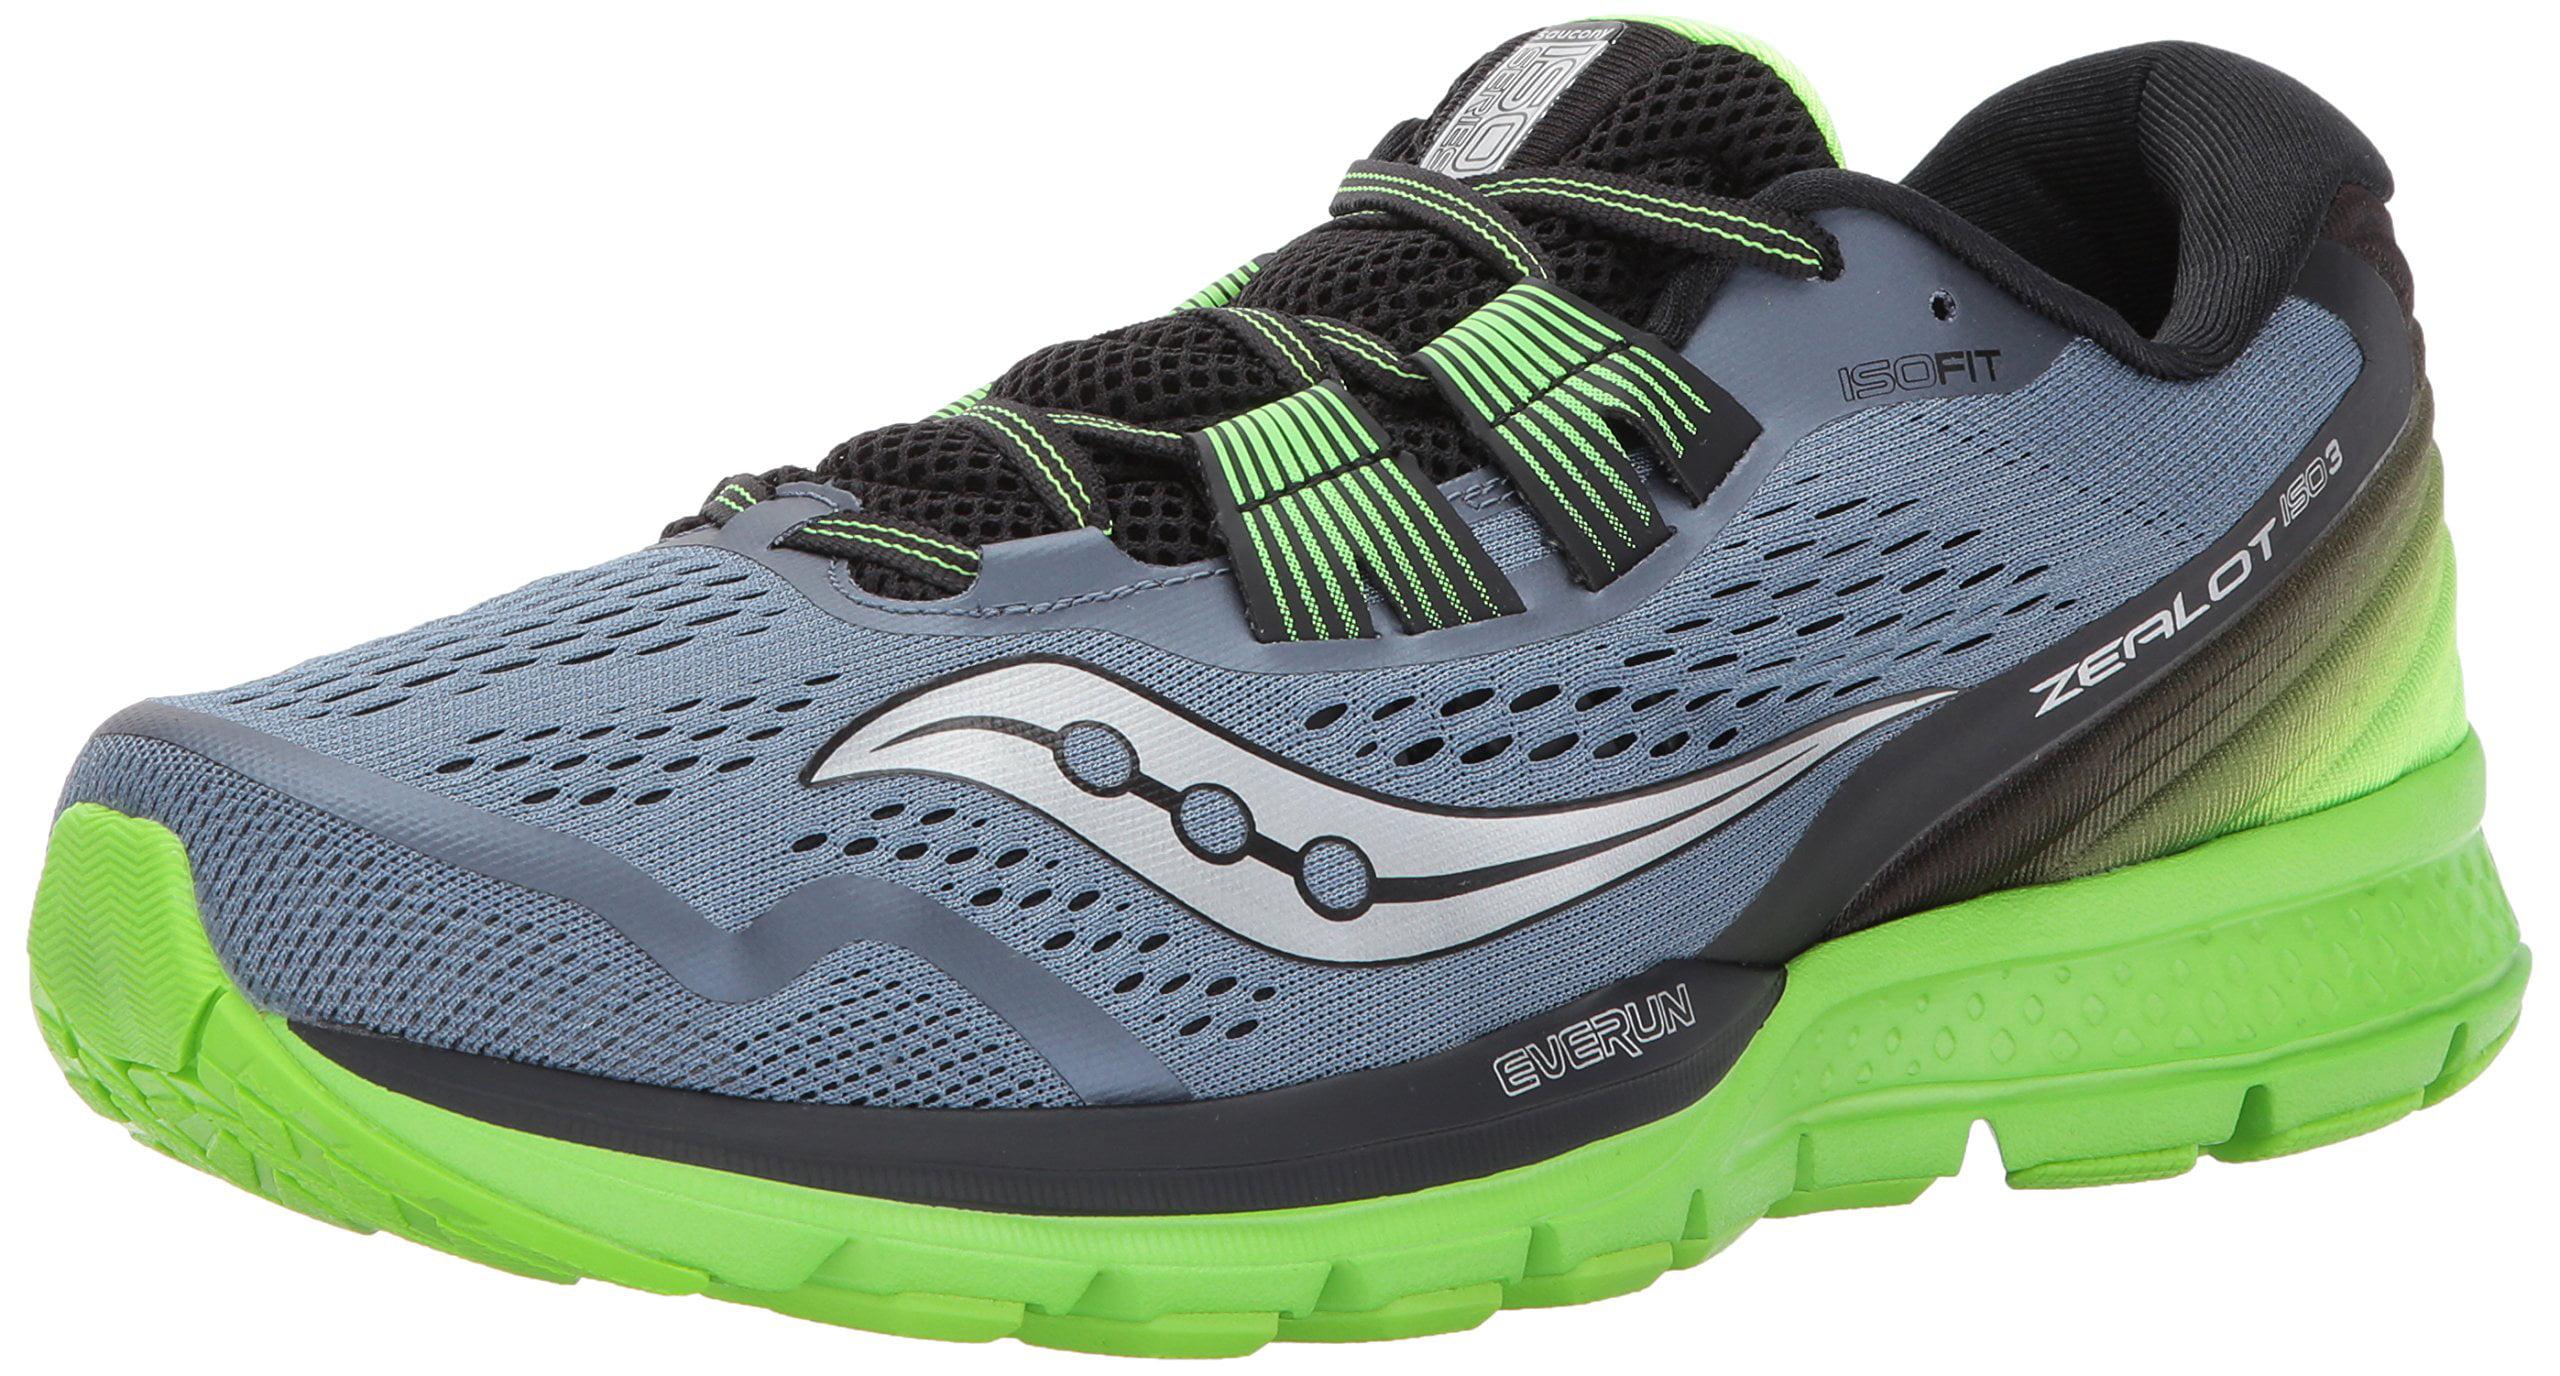 Saucony Men's Zealot Iso 3 Running-Shoes by Saucony